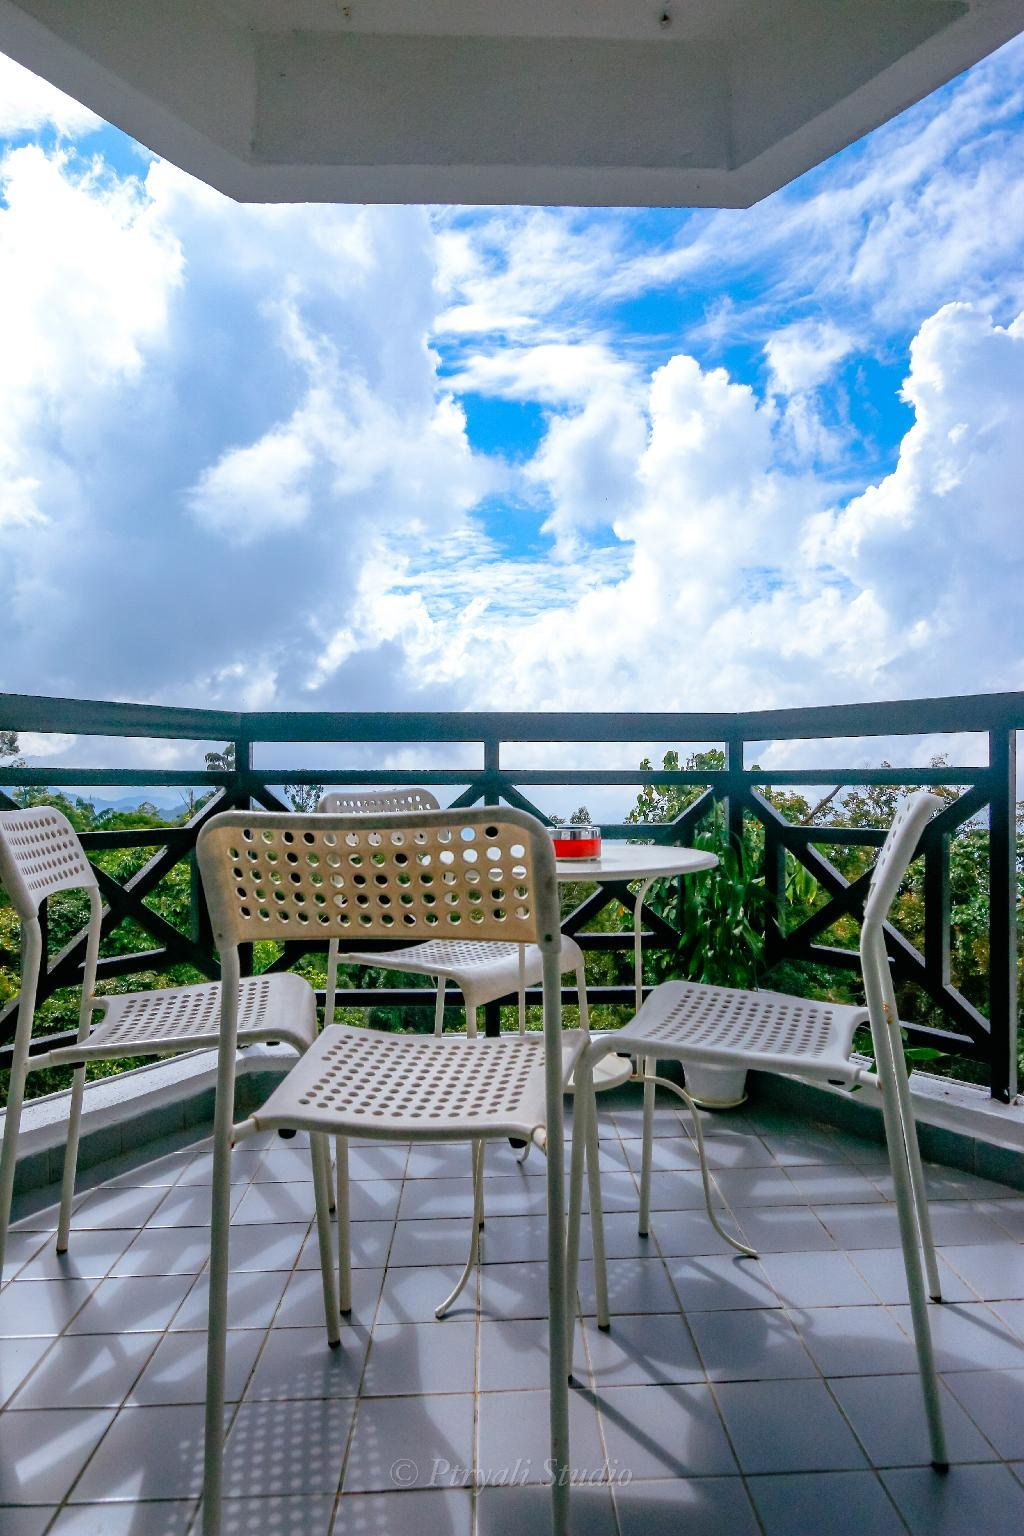 A321 Silverpark Resort@ 2 Rooms Apmt